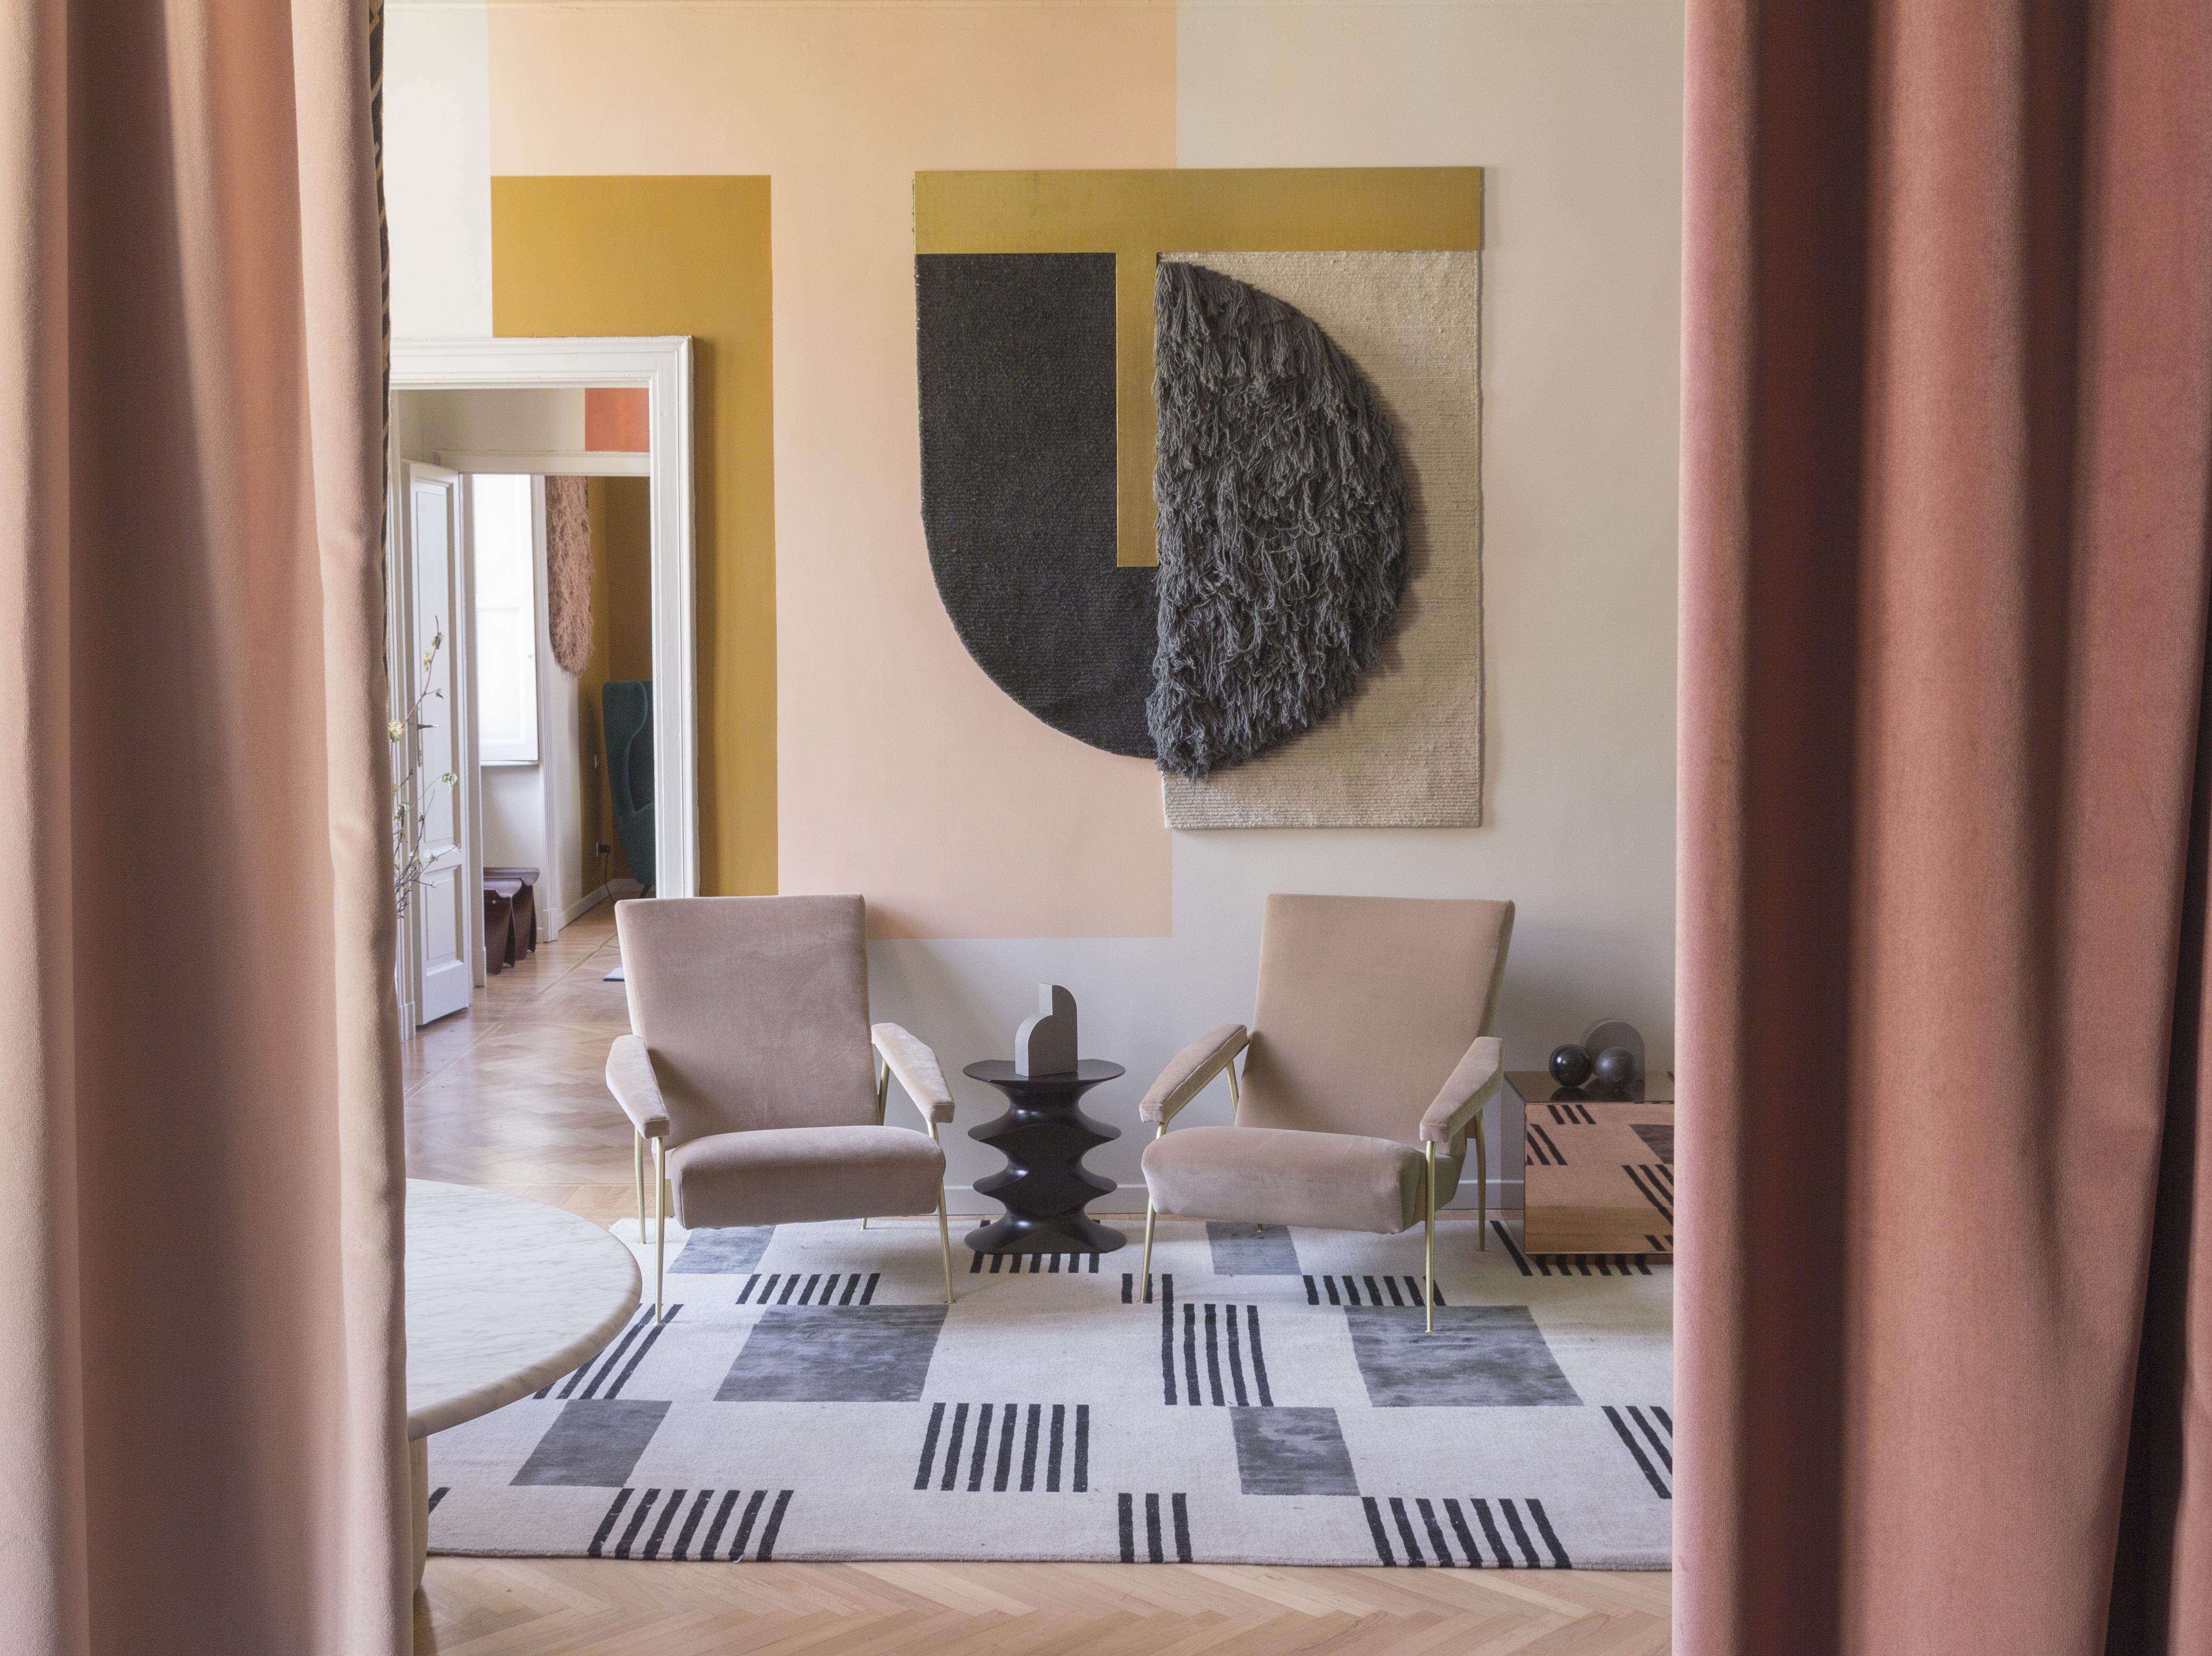 ispirazioni artistiche ed intrecci preziosi per cc tapis. Black Bedroom Furniture Sets. Home Design Ideas